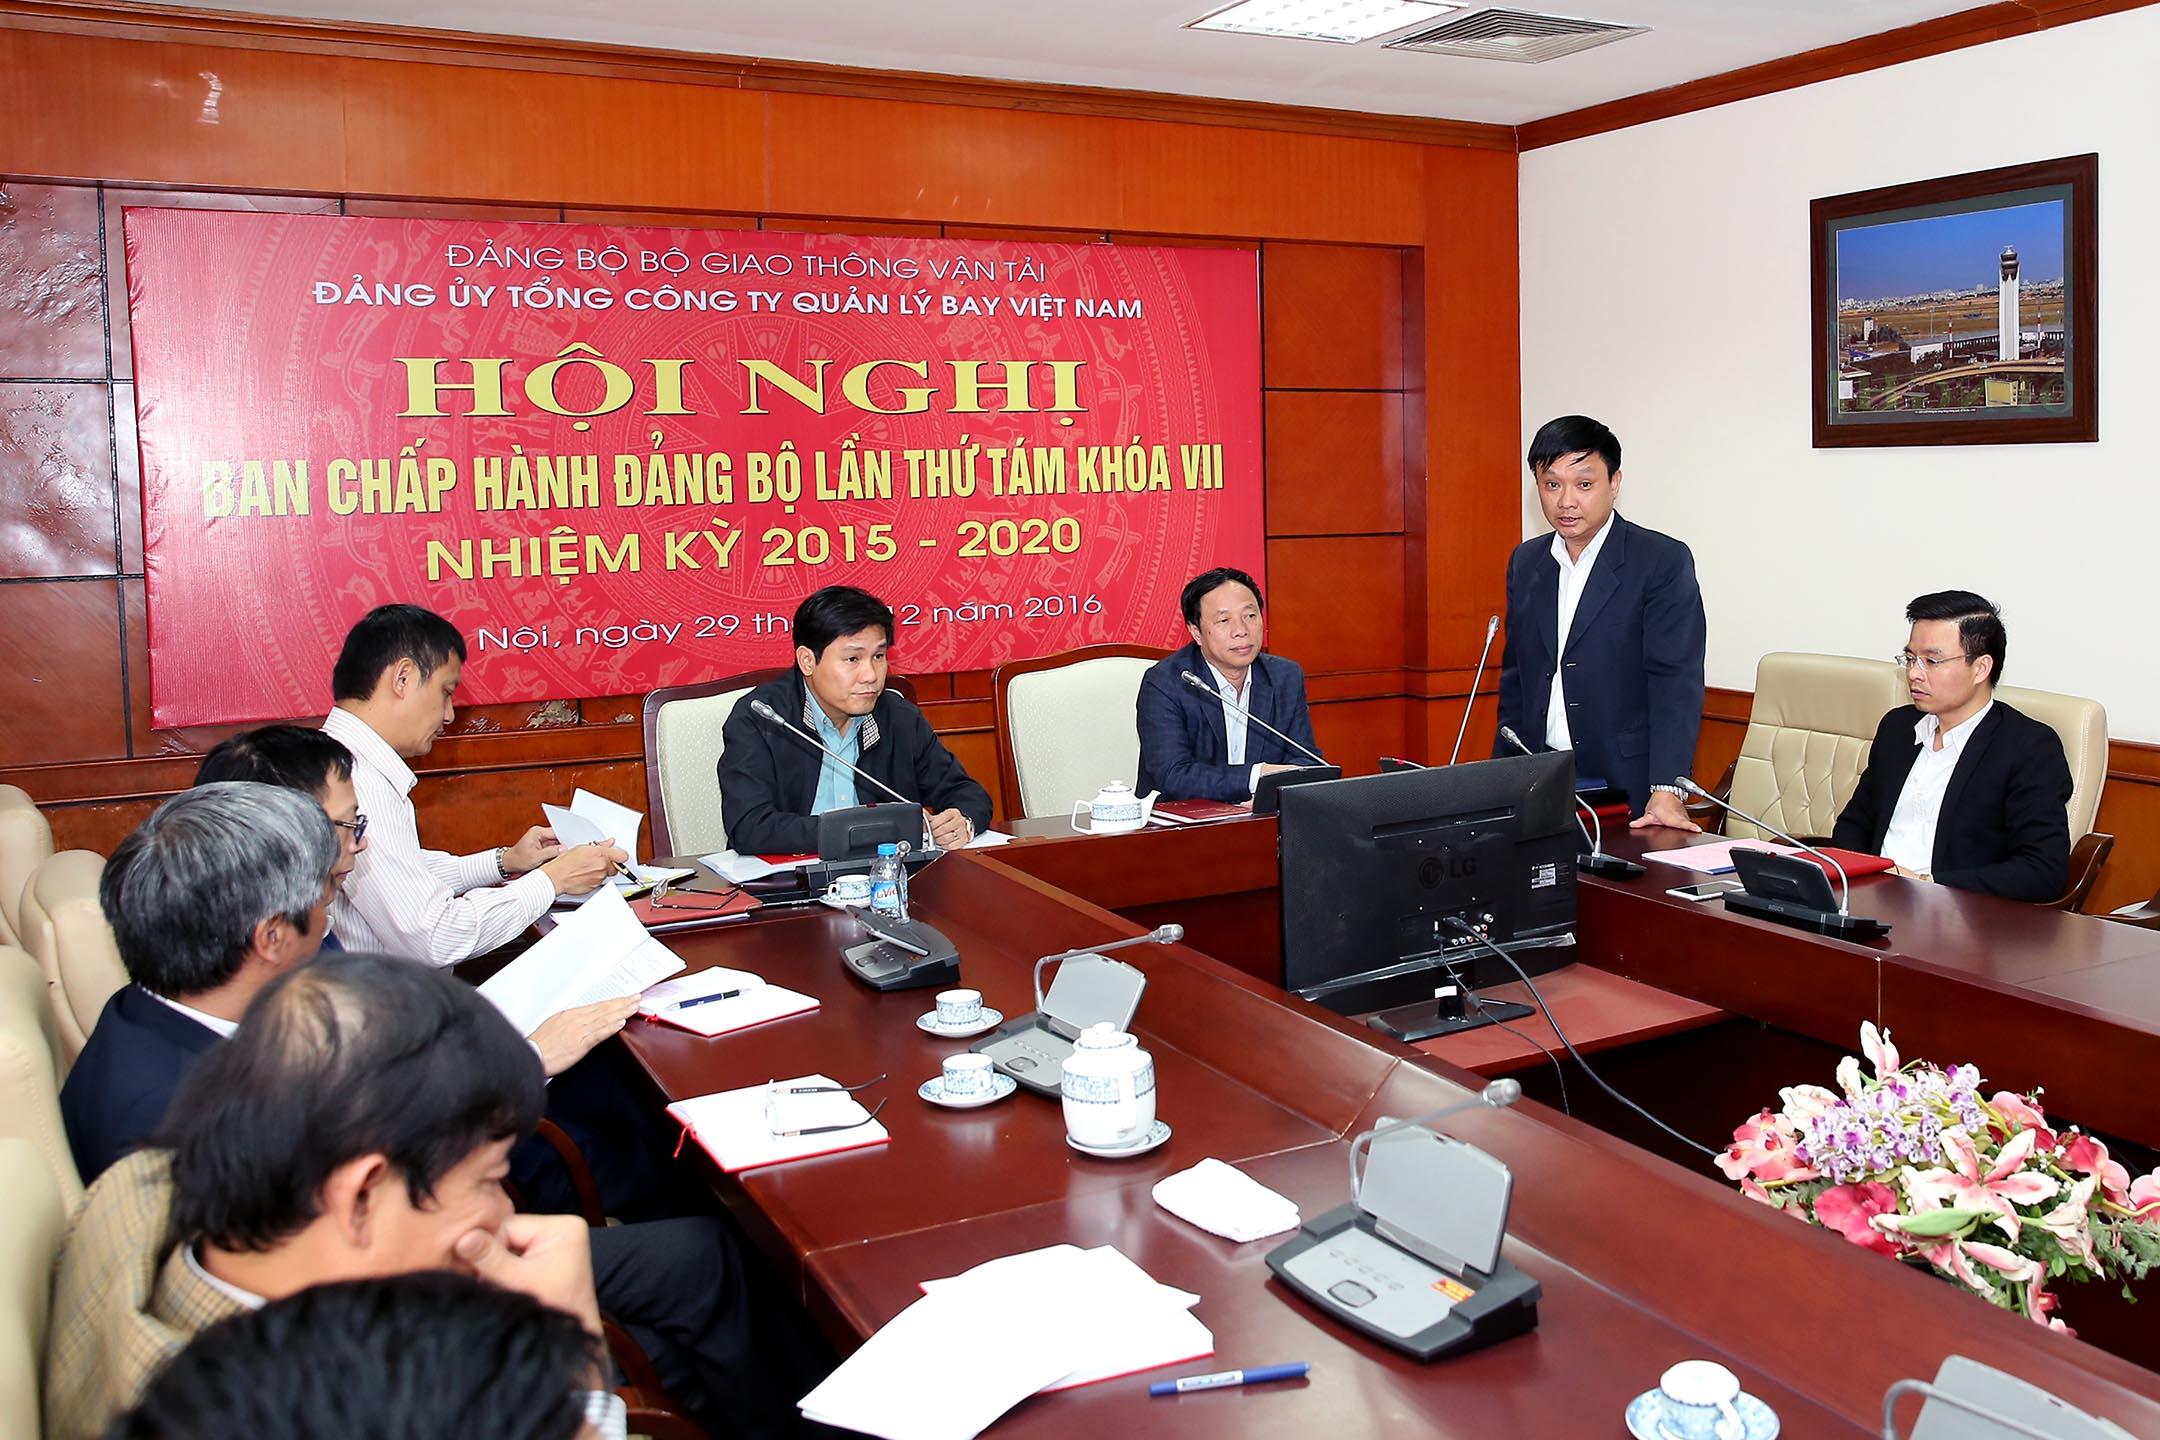 Hội nghị Ban Chấp hành Đảng bộ Tổng công ty Quản lý bay Việt Nam lần thứ tám khóa VII